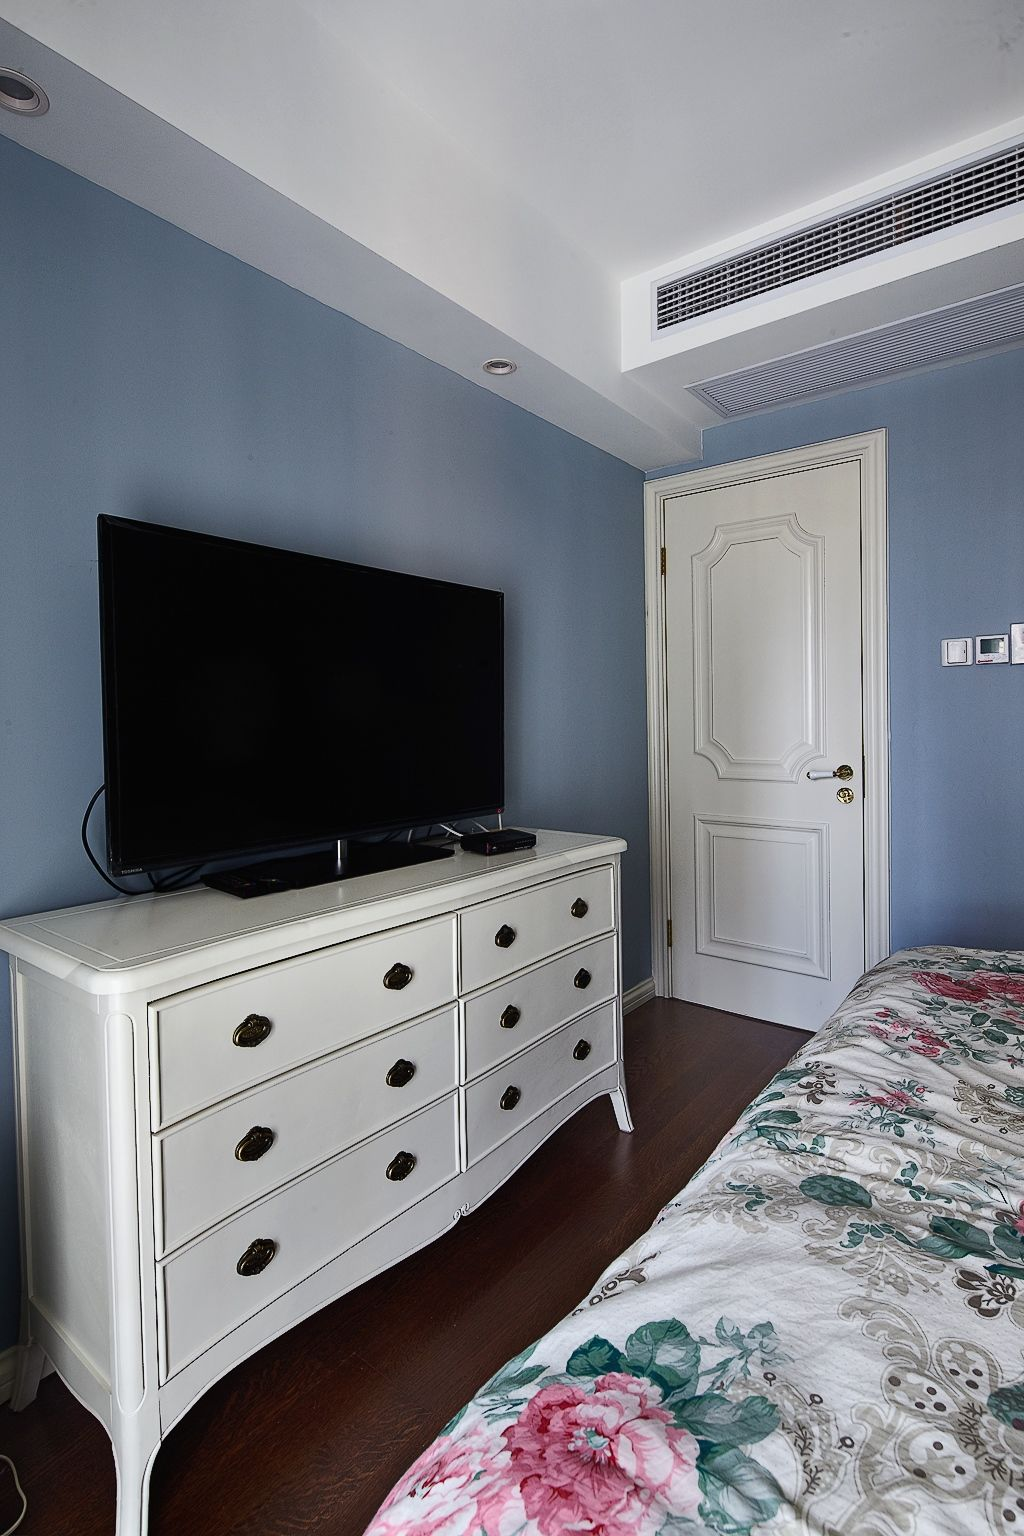 唯美简约卧室电视柜装饰图